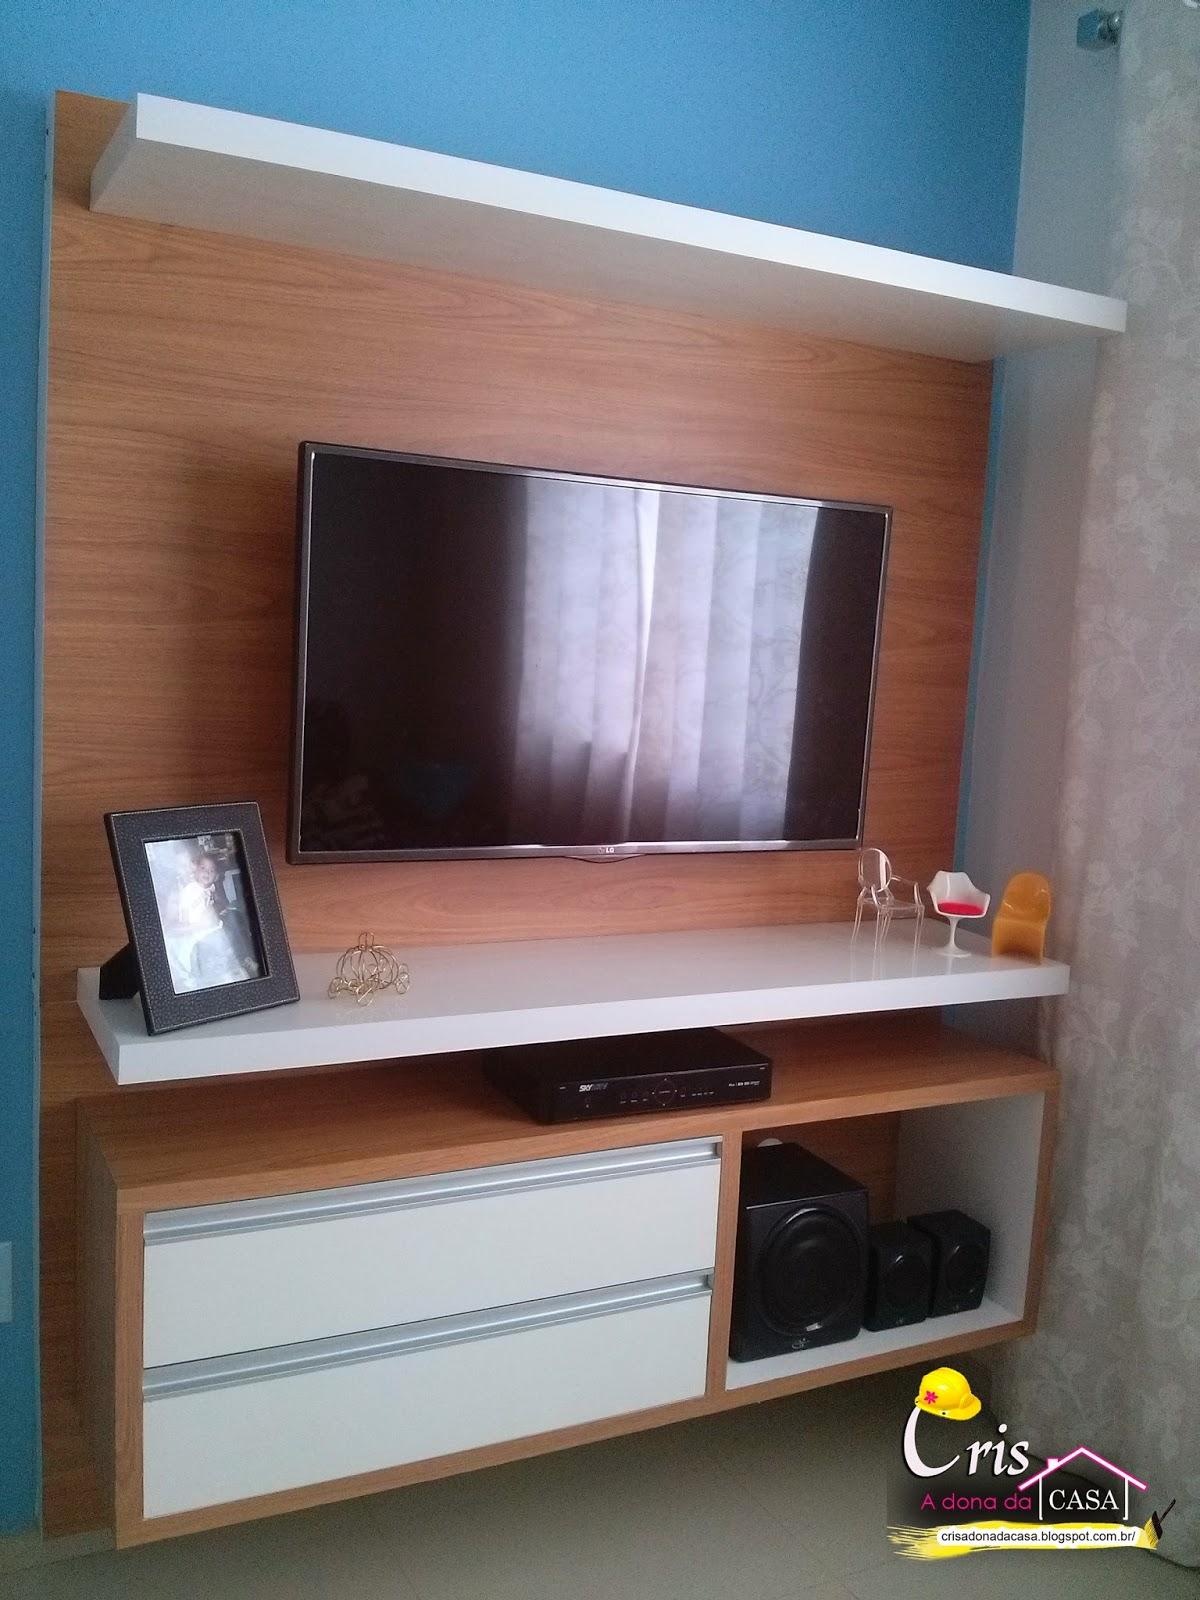 Cris A Dona da Casa!: Painel/Rack da Sala #377094 1200x1600